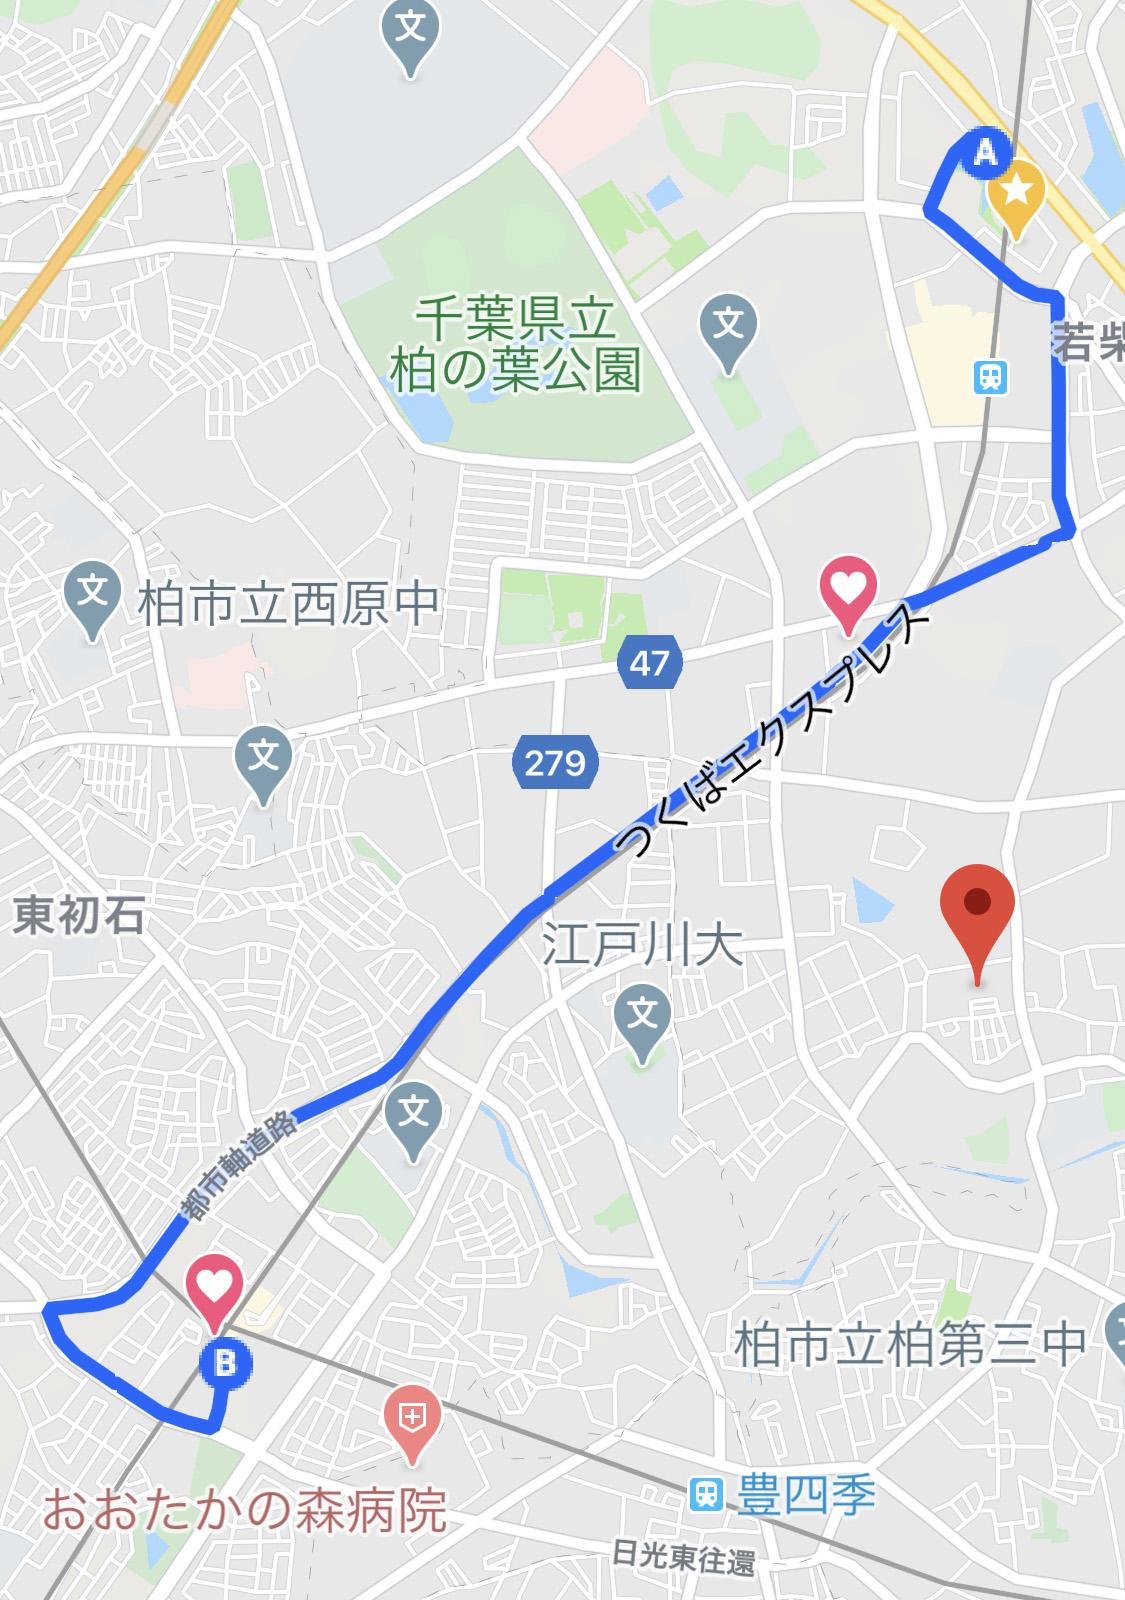 Googleマイマップ TX沿線ポタリング:柏の葉 Tサイト → おおたかの森S・C:Google Mapsアプリに読み込んだルート